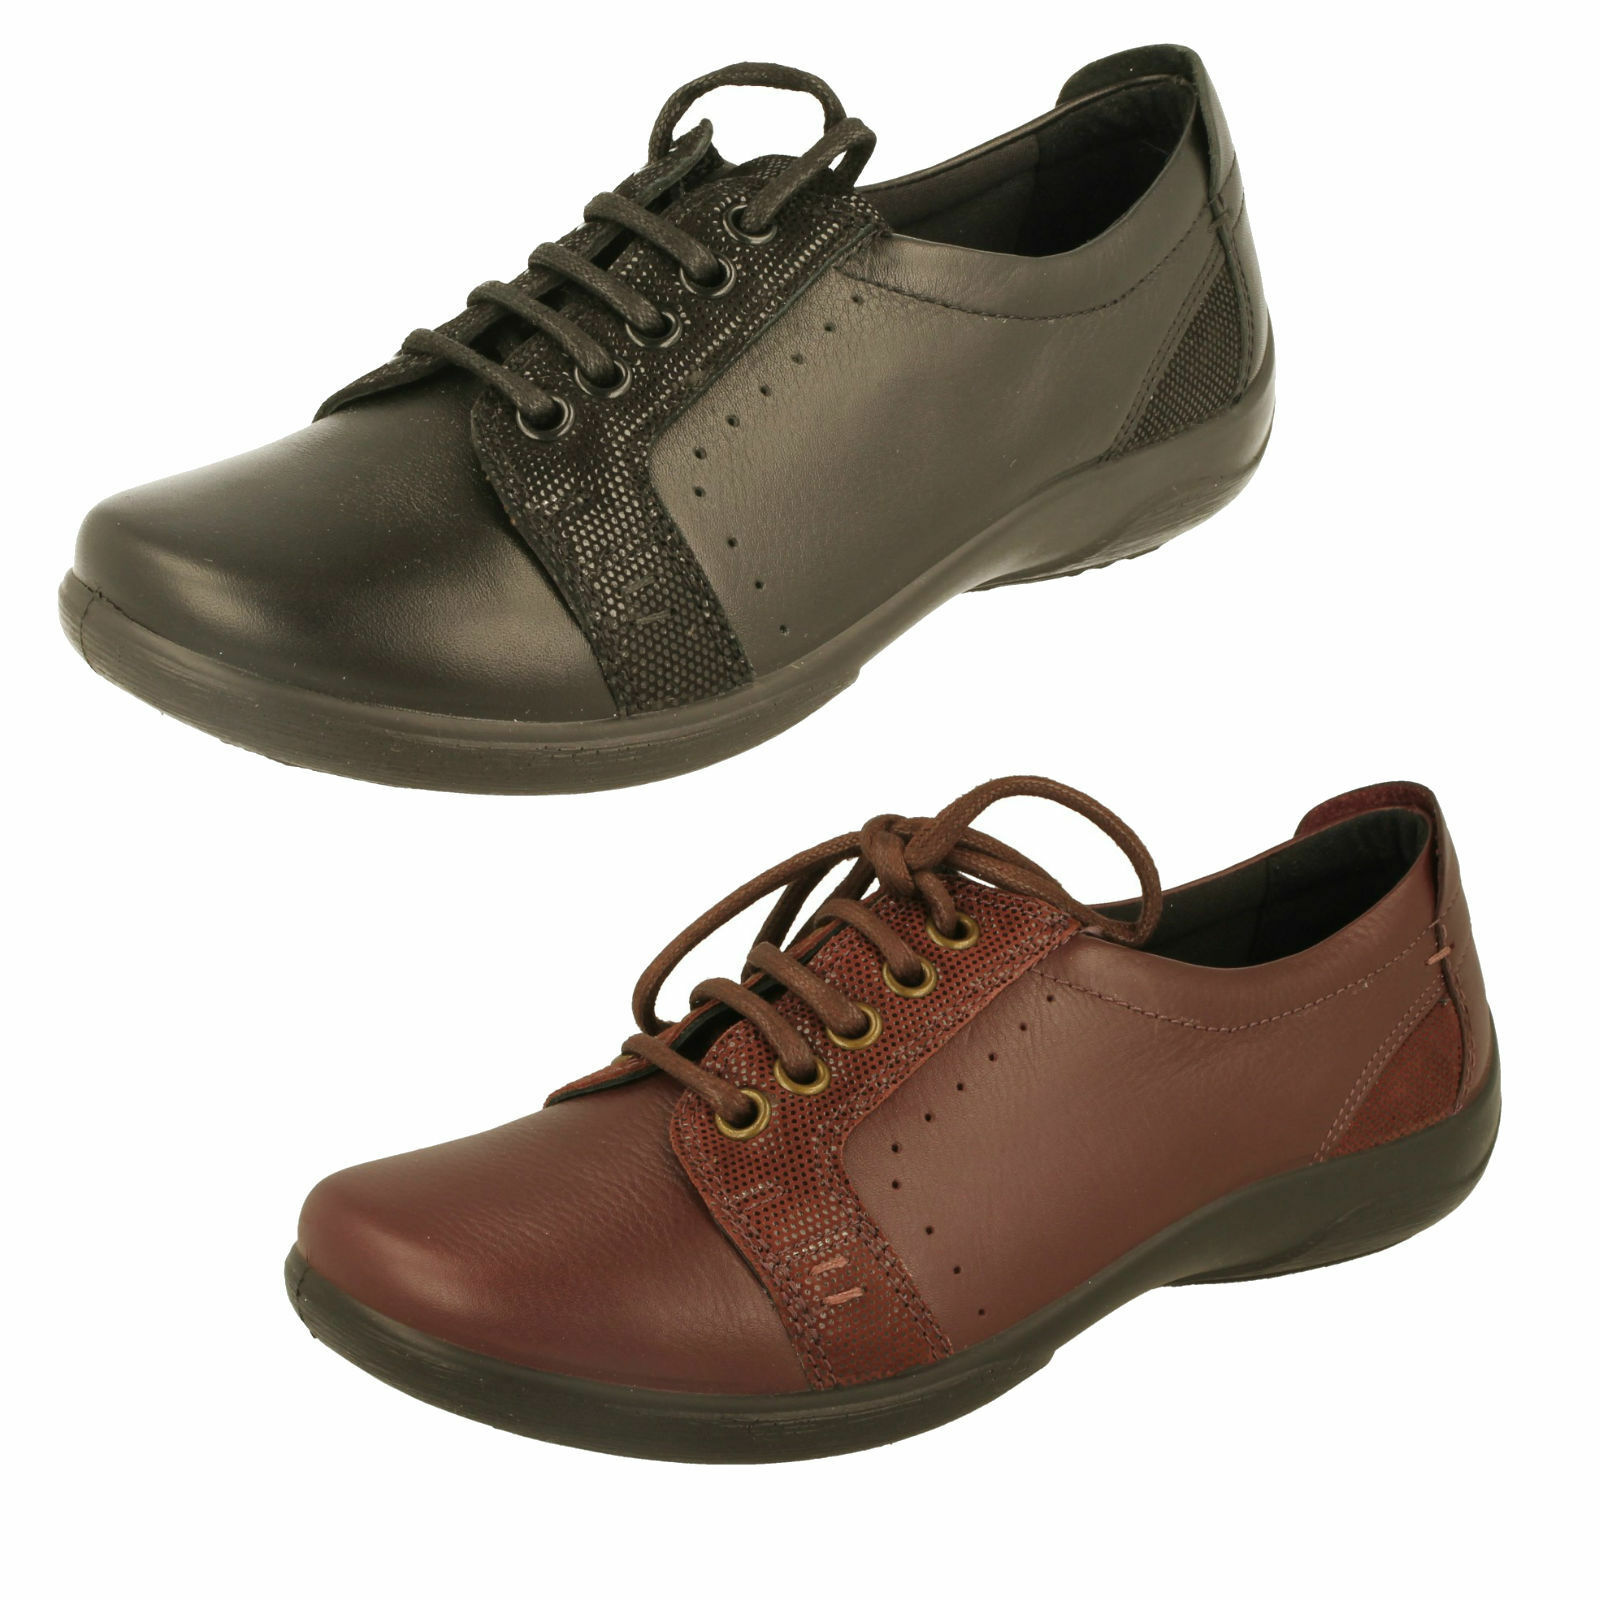 Venta de liquidación de temporada Descuento por tiempo limitado mujer Padders Cordones Muy Ancho Dual Fit Zapatos - SONNET